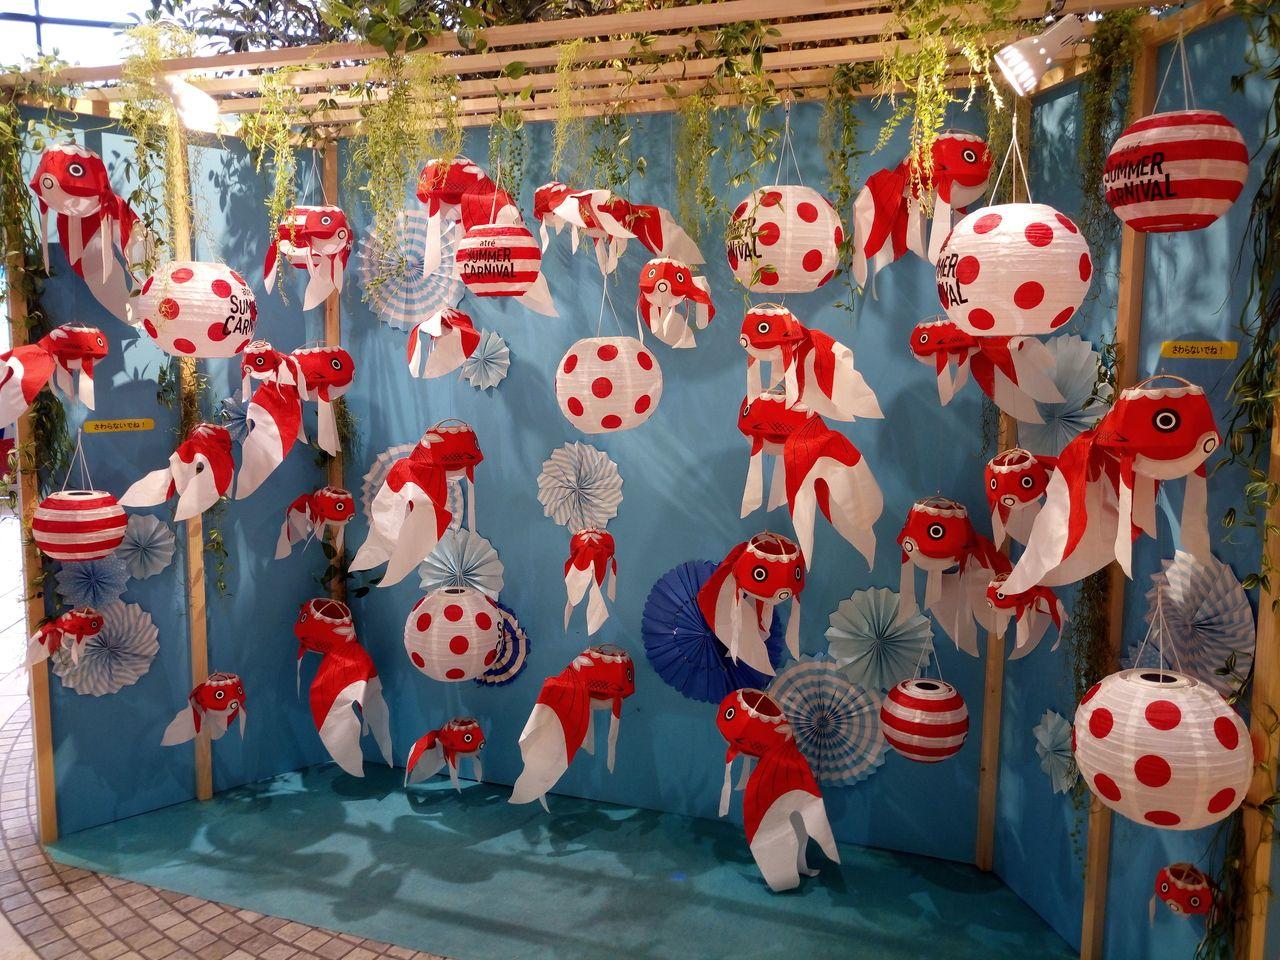 吉祥寺アトレのはなびの広場は山口県柳井市の金魚